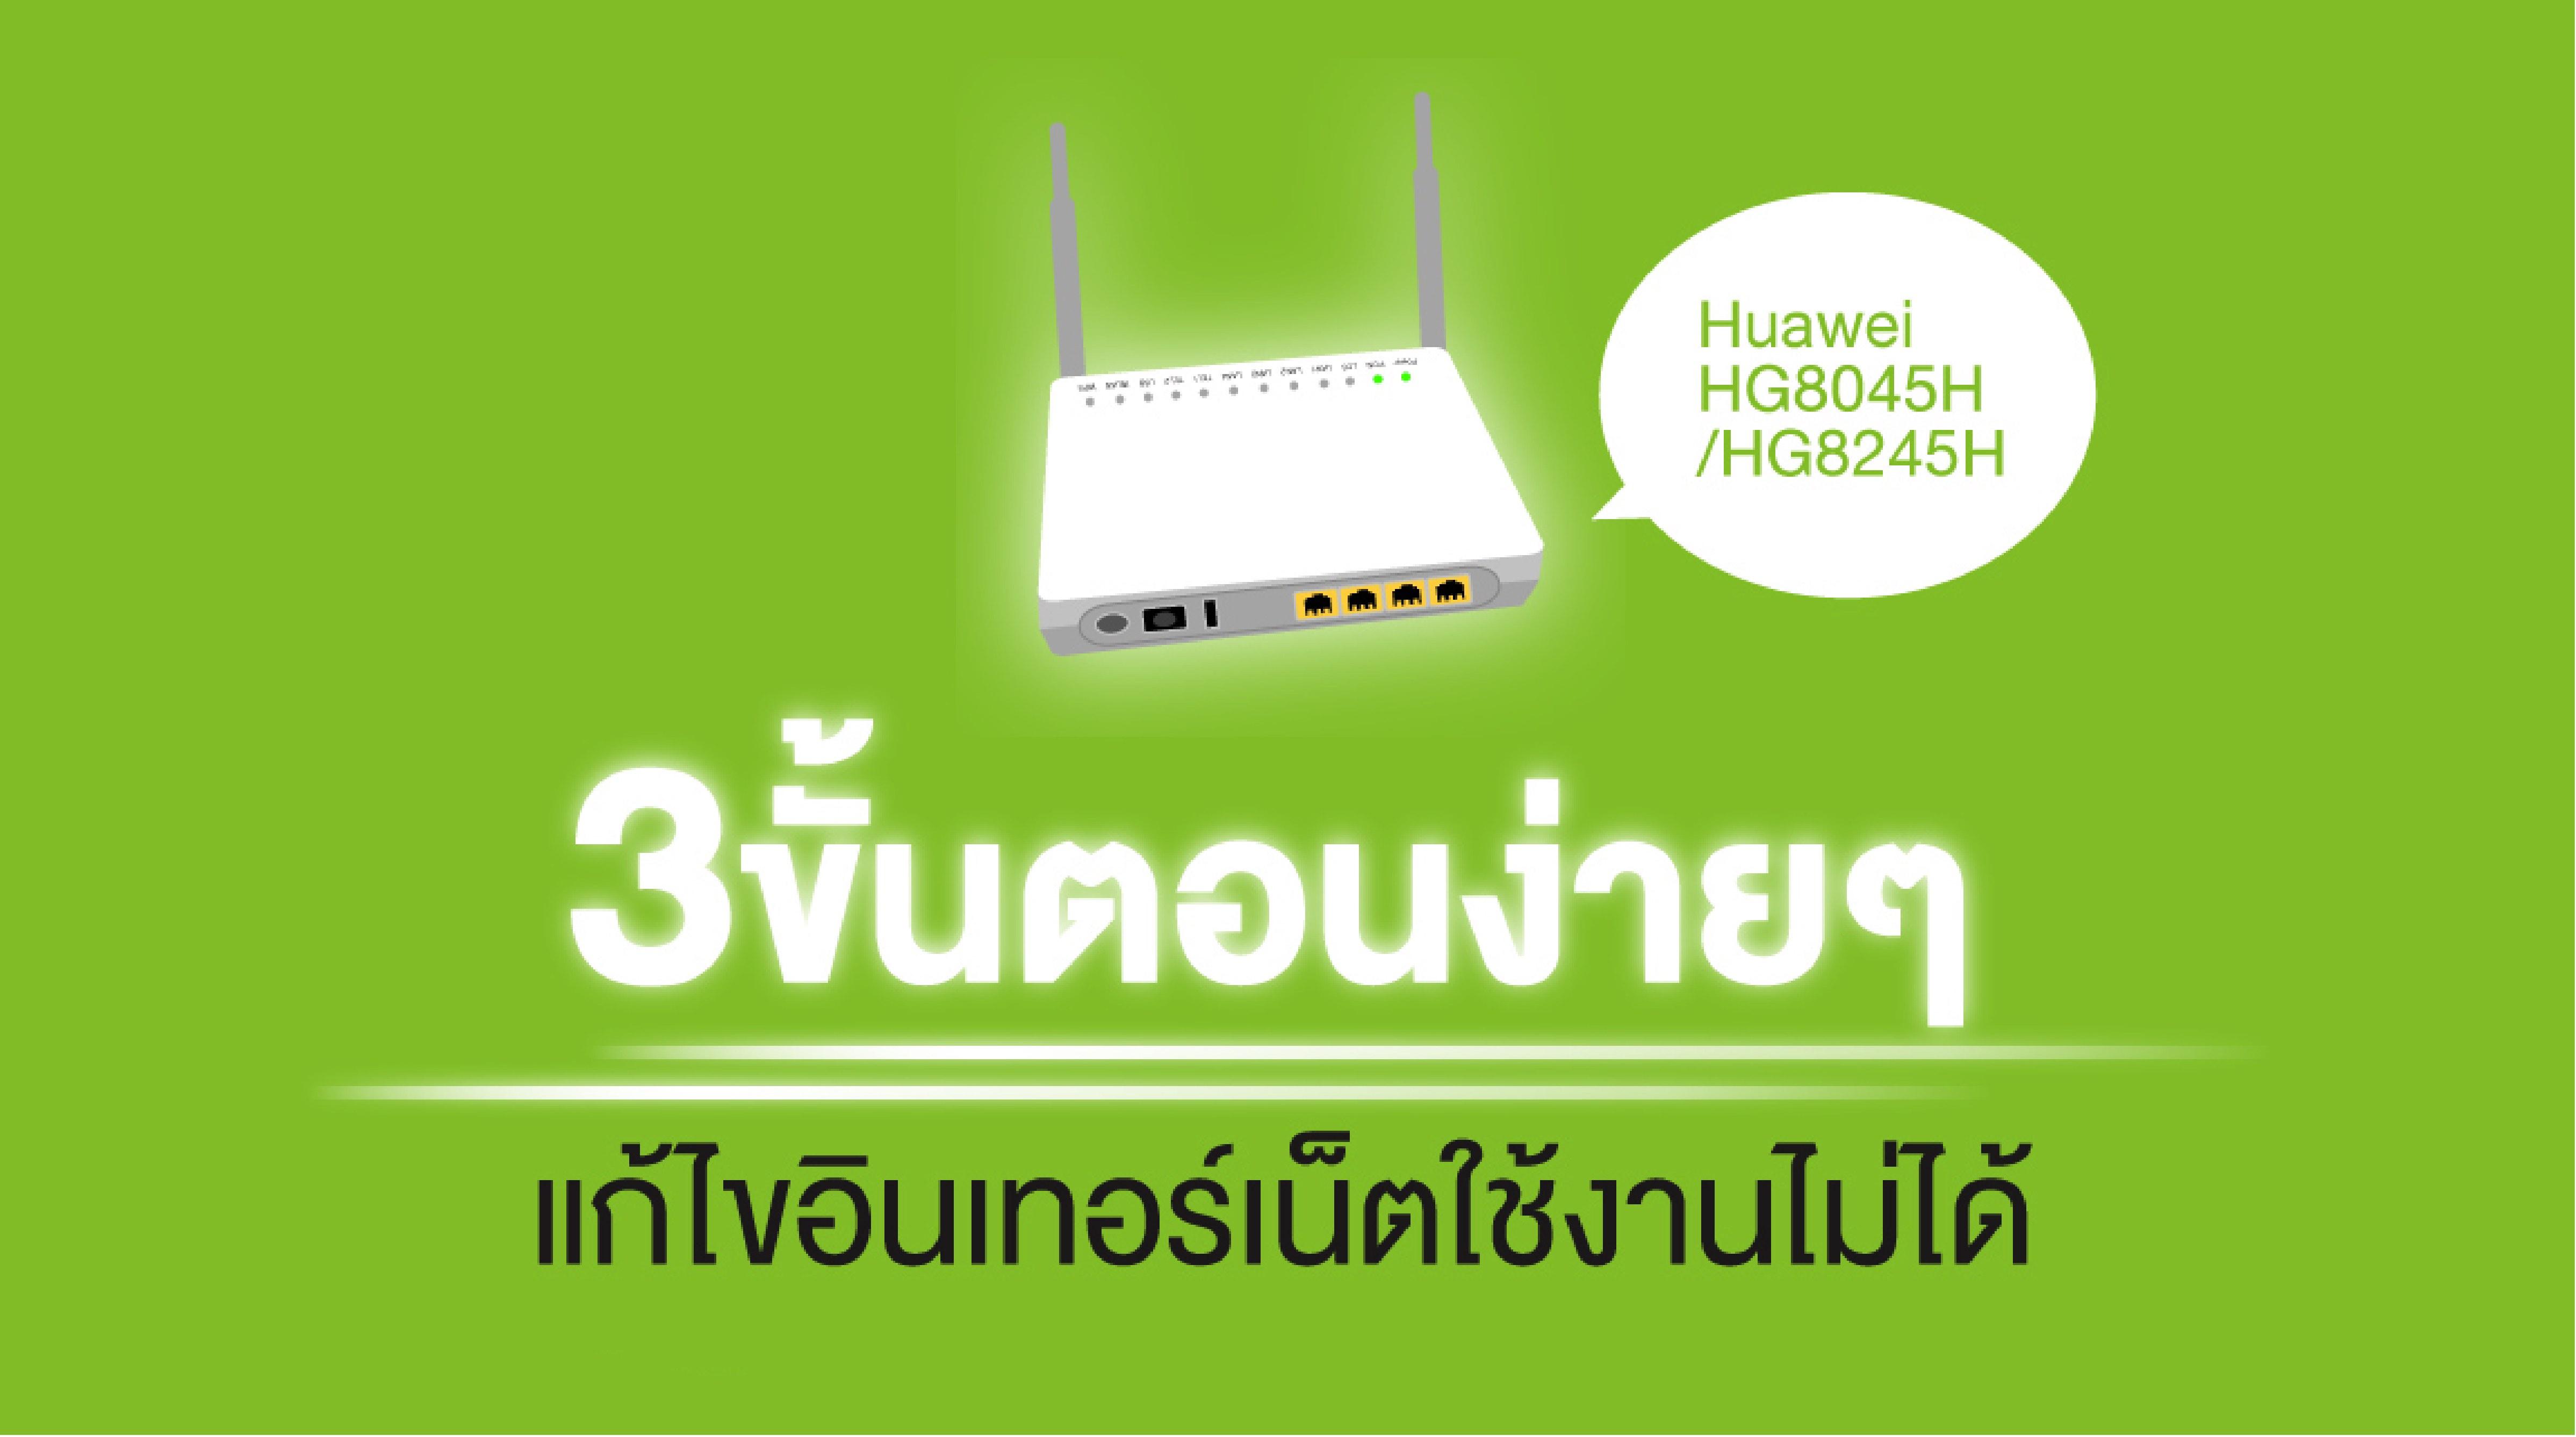 วิธีแก้ไขอินเทอร์เน็ต FIBRE เล่นไม่ได้ (บ้าน) กล่อง Huawei HG8045H